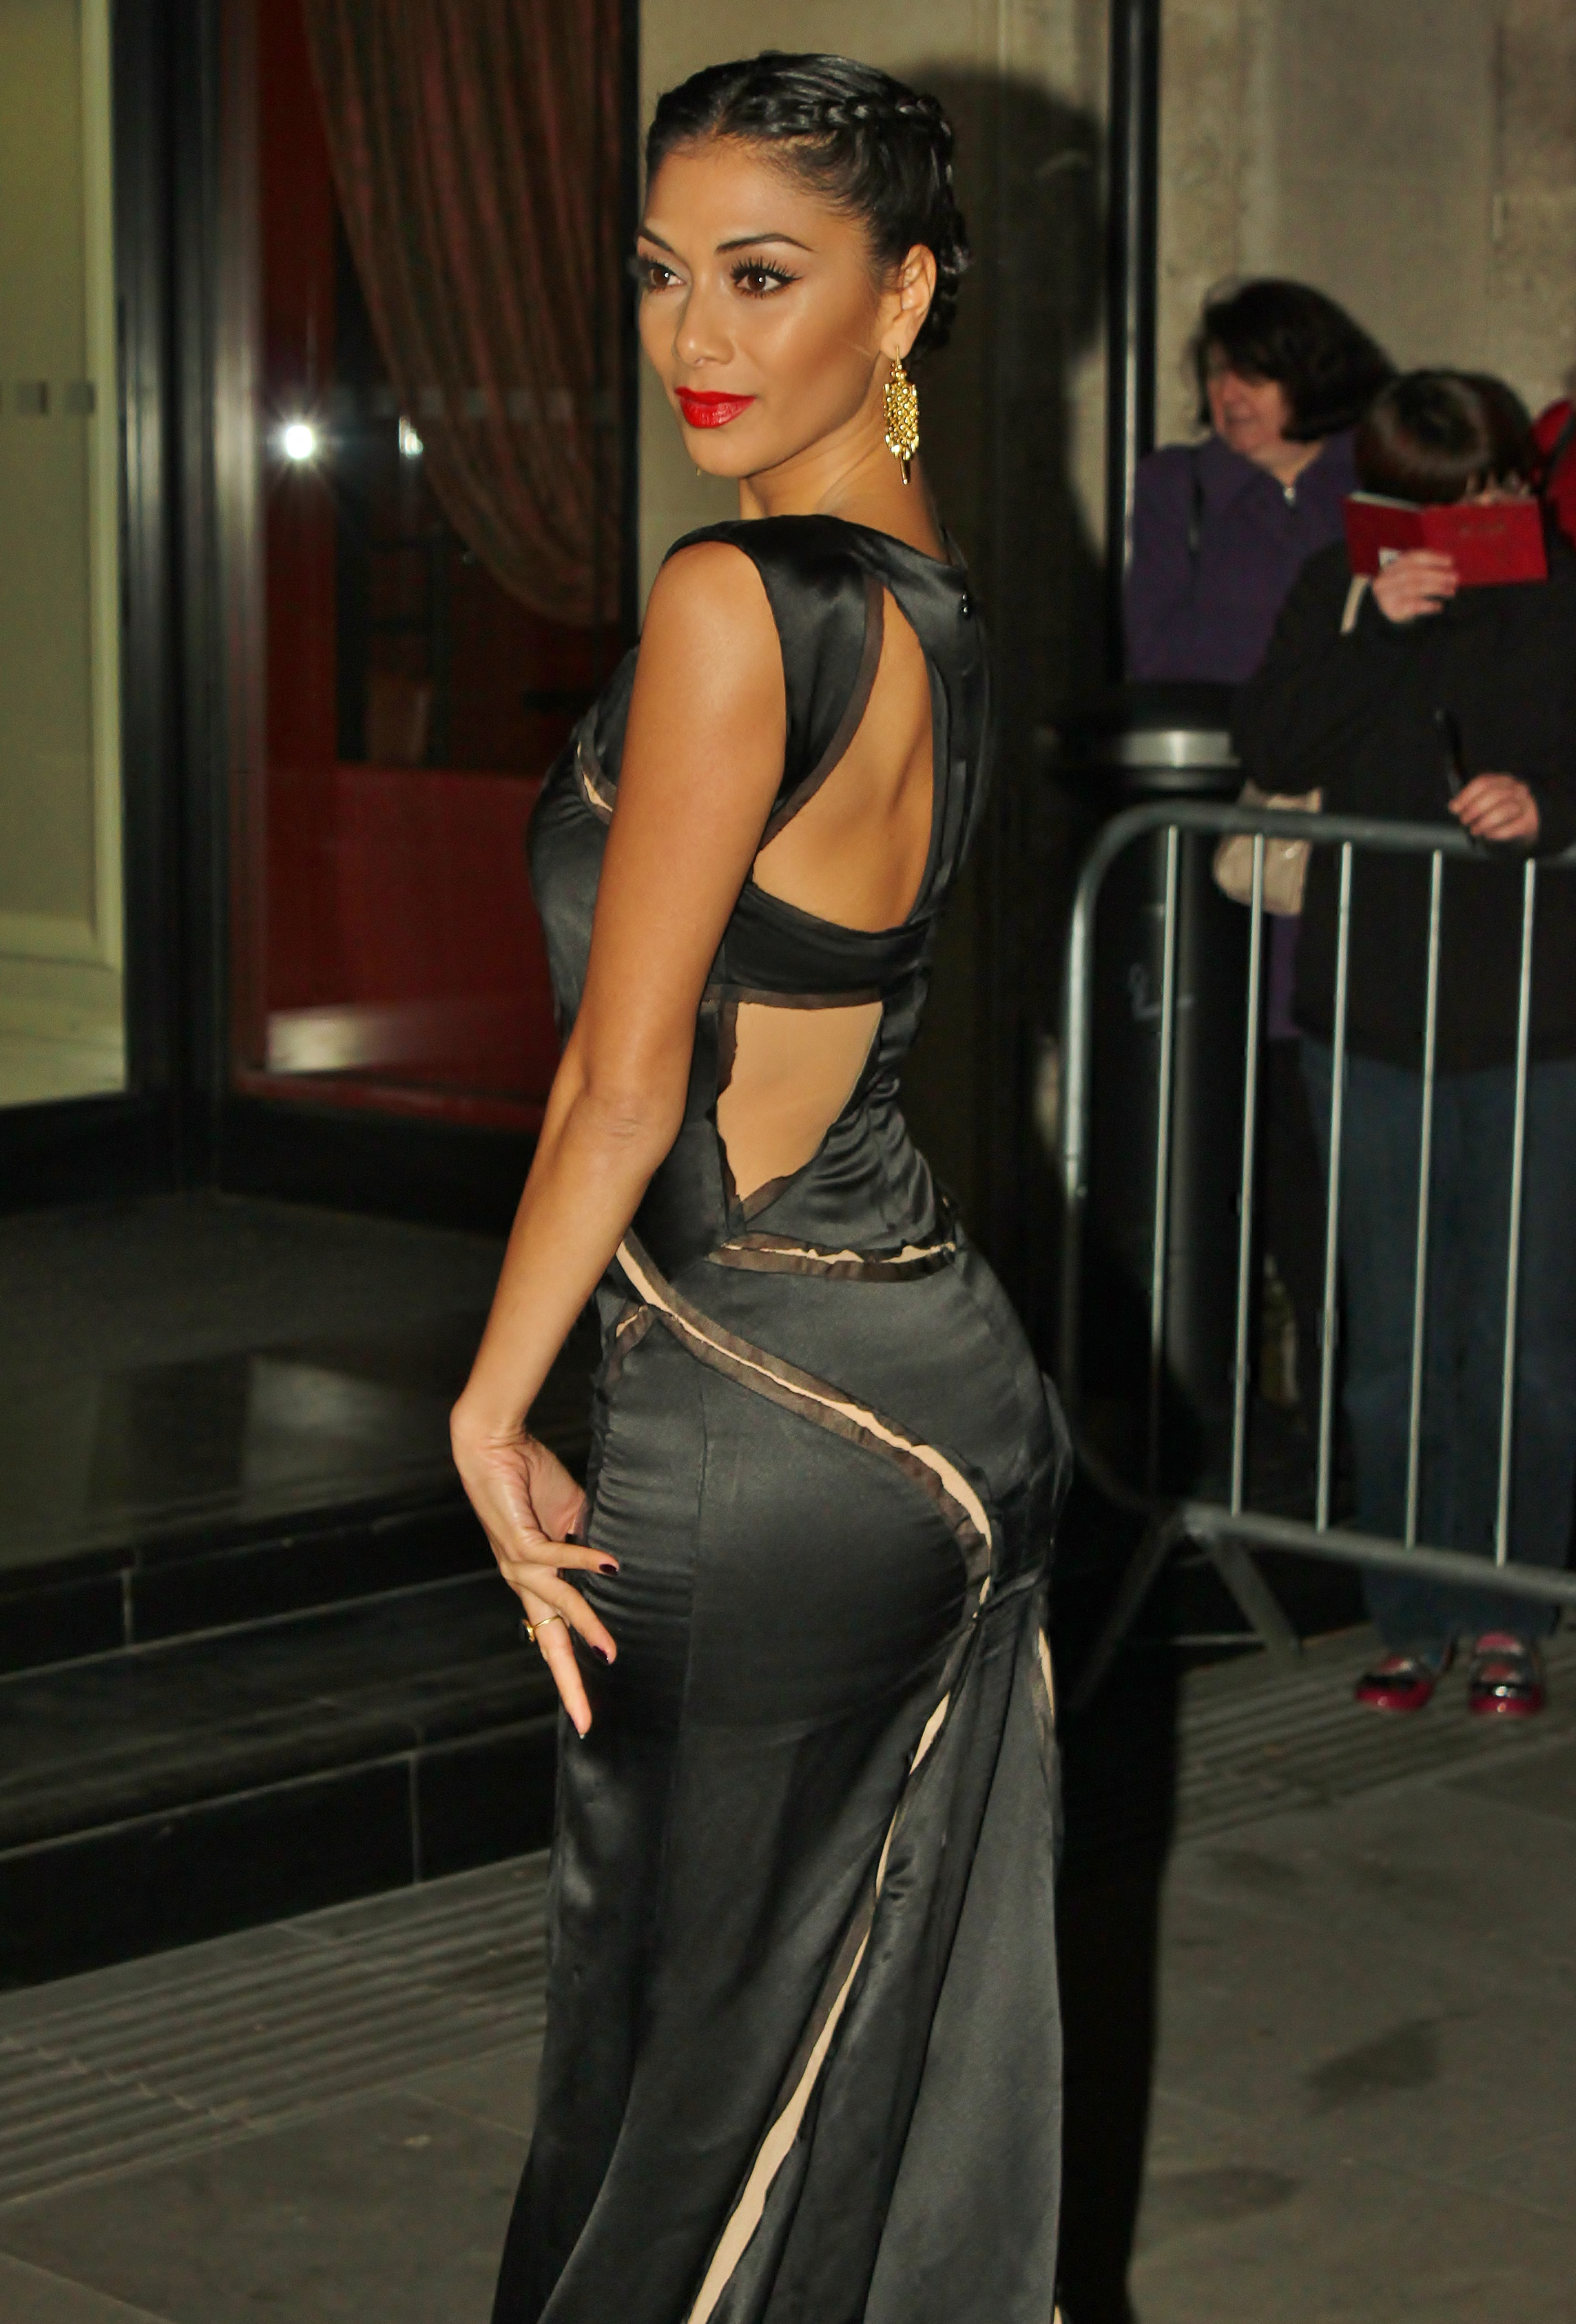 Nicole Scherzincer, apariţie spectaculoasă la un eveniment monden! Uite ce forme apetisante are bruneta! Îţi place?